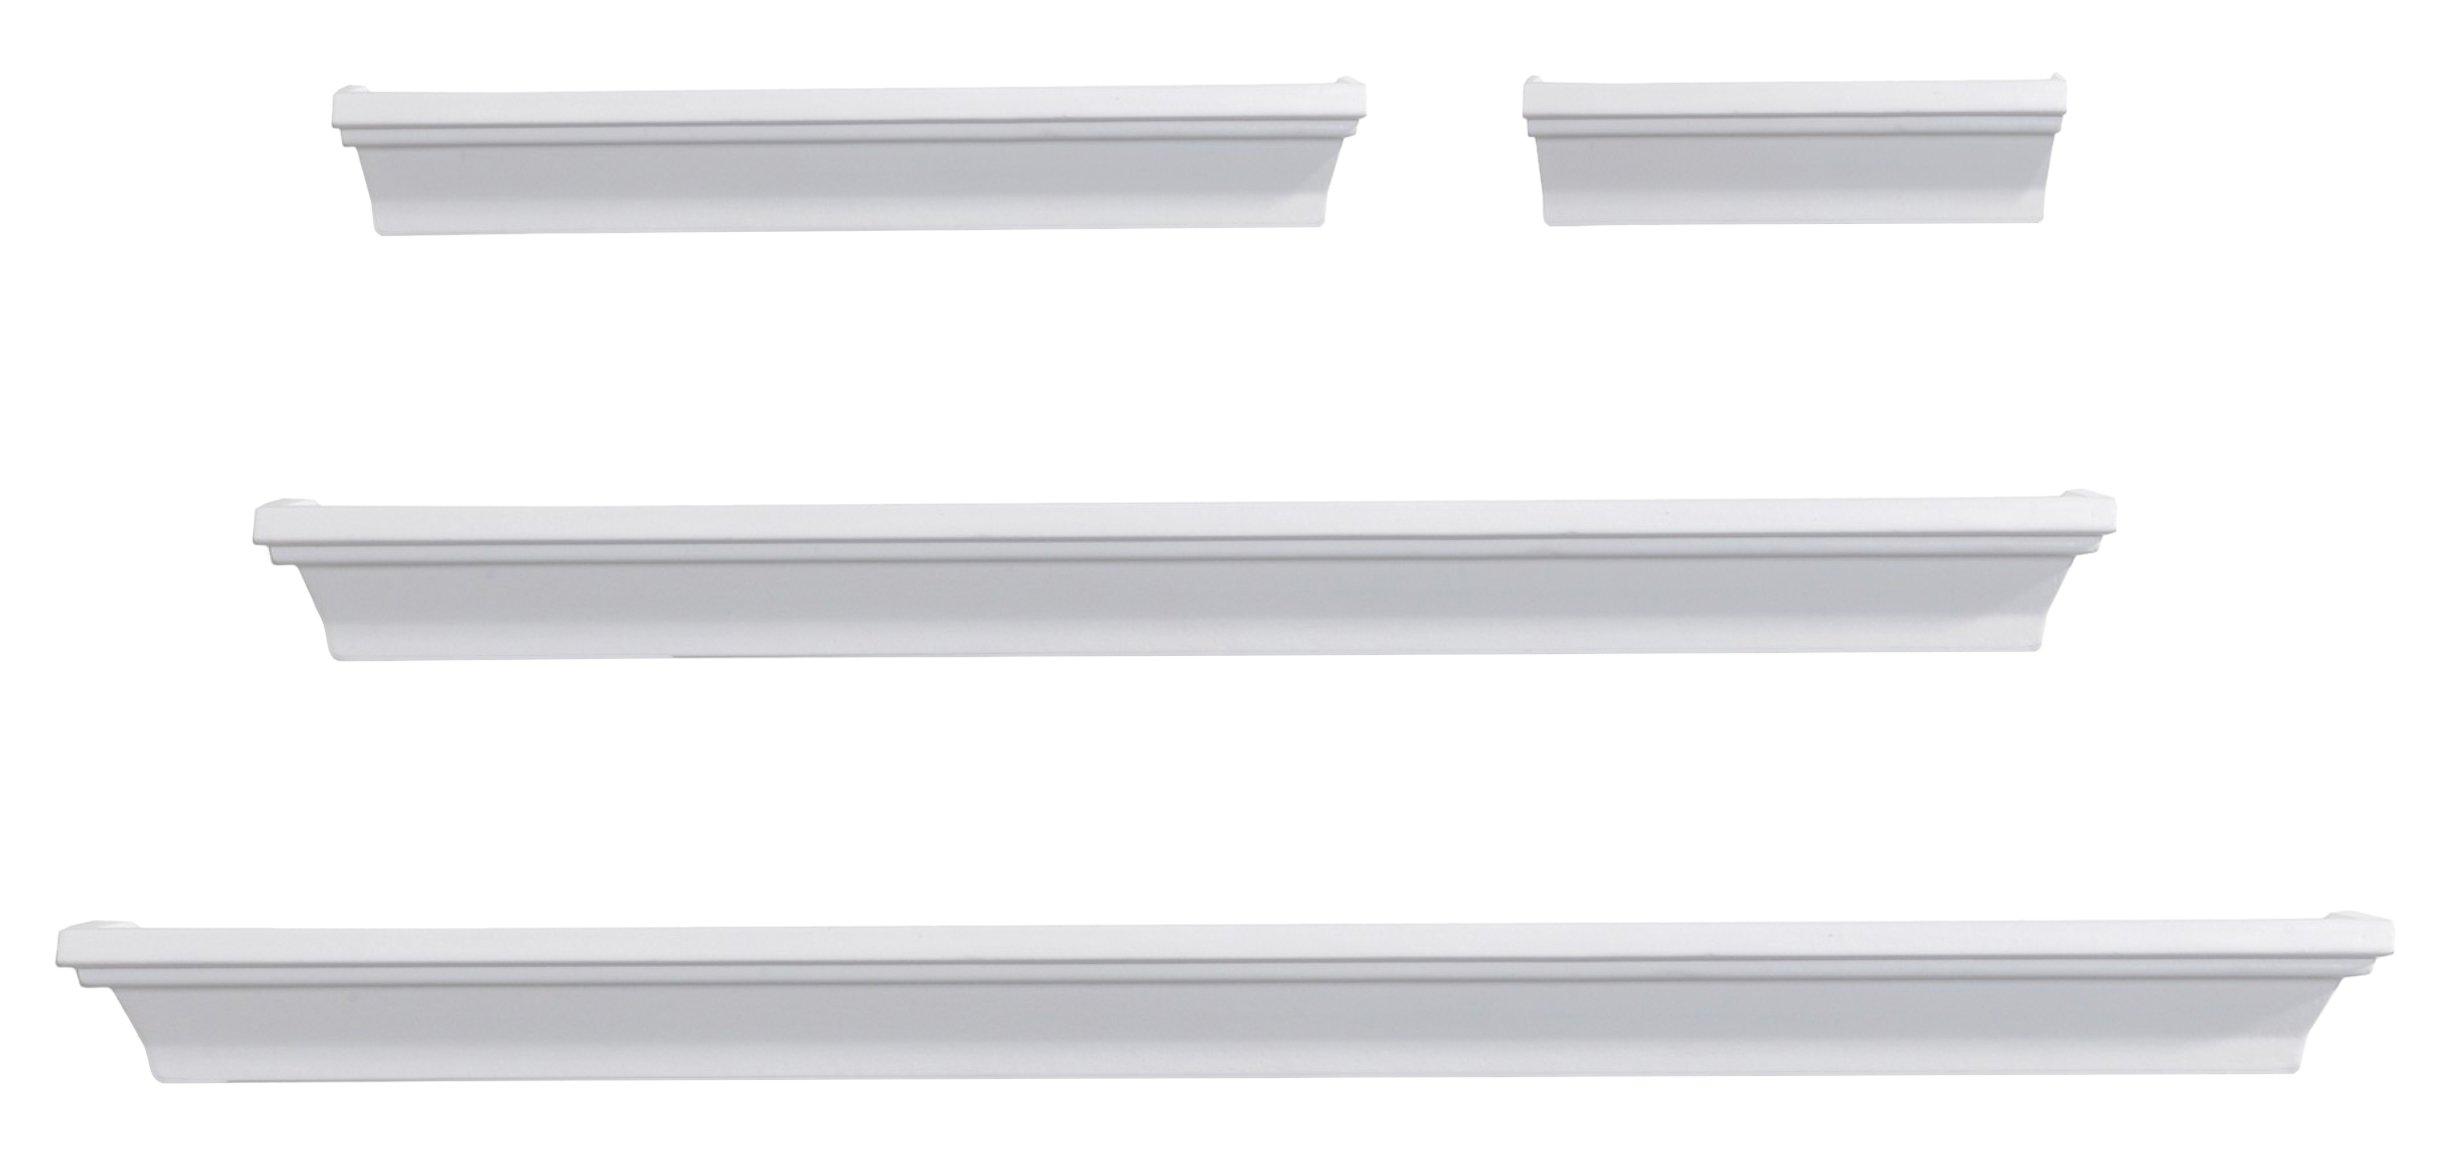 Melannco Wall Shelves, Set of 4, White